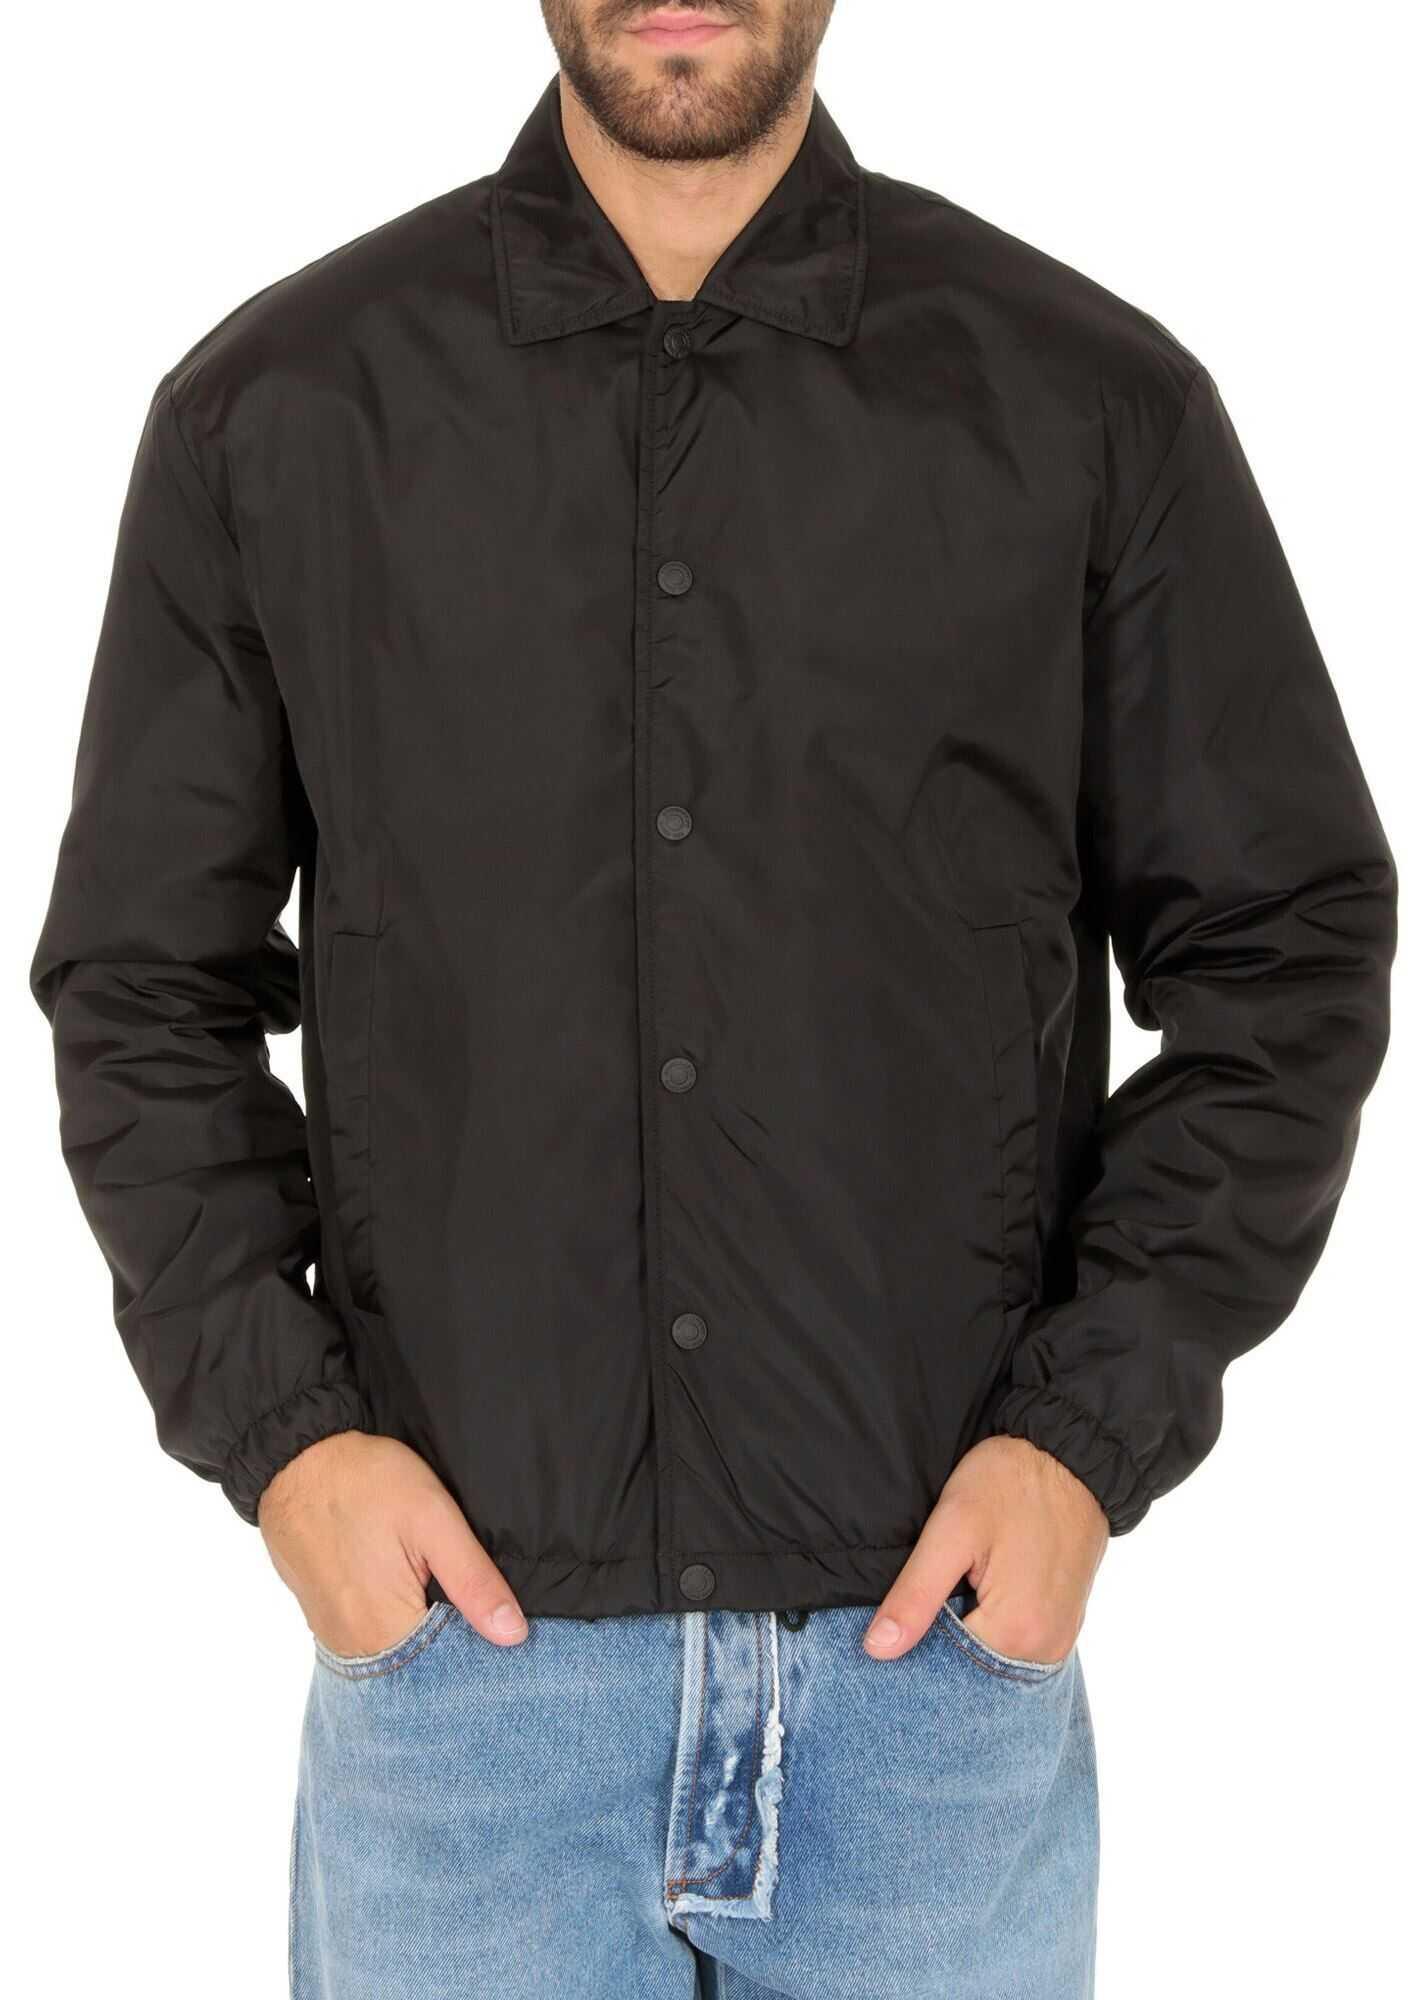 DSQUARED2 Nylon Caban In Black Black